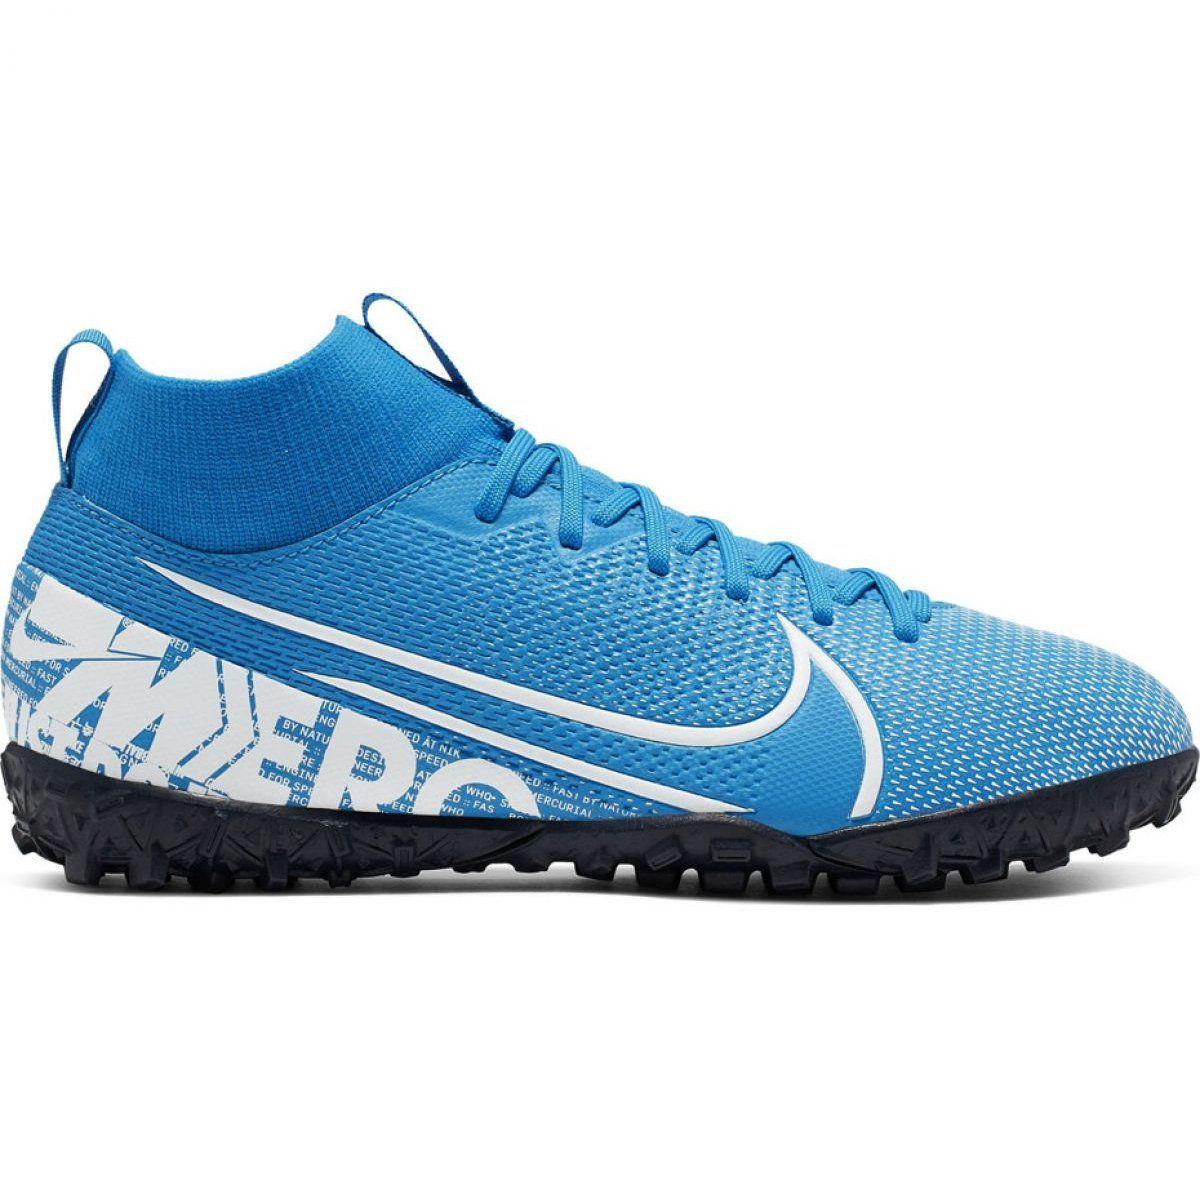 Buty Pilkarskie Nike Mercurial Superfly 7 Academy Tf Jr At8143 414 Niebieskie Wielokolorowe Kids Football Boots Football Shoes Superfly